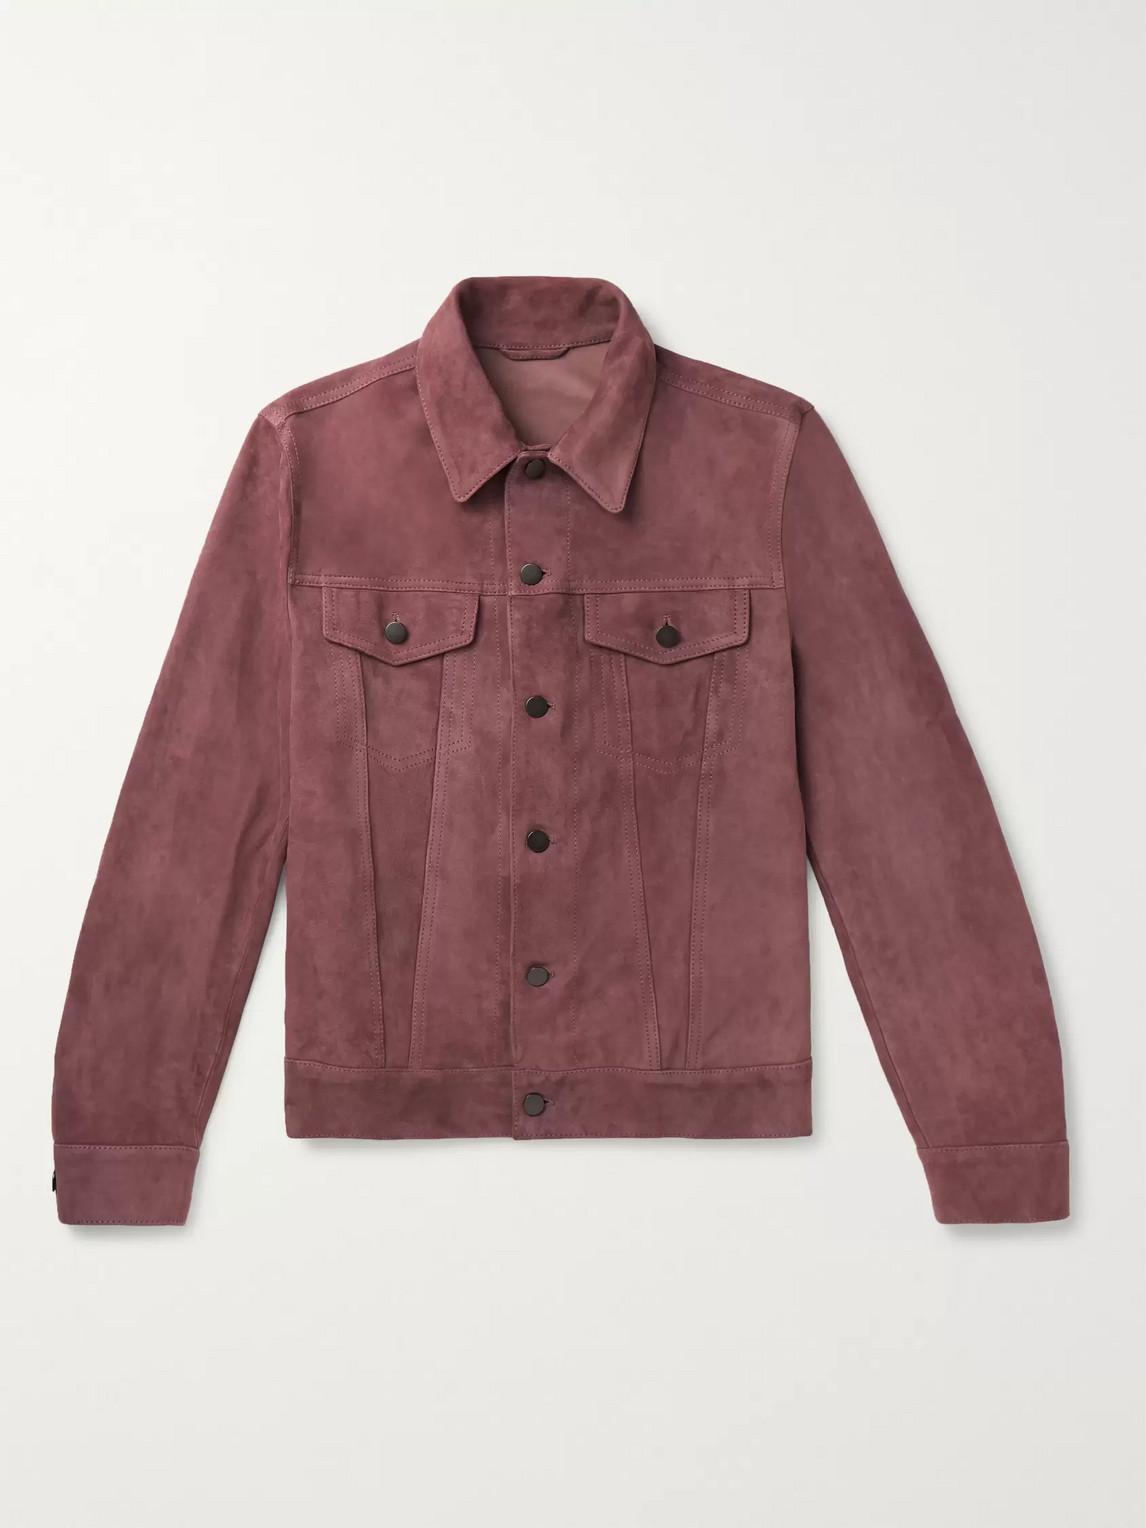 Valstar Slim-fit Suede Trucker Jacket In Pink